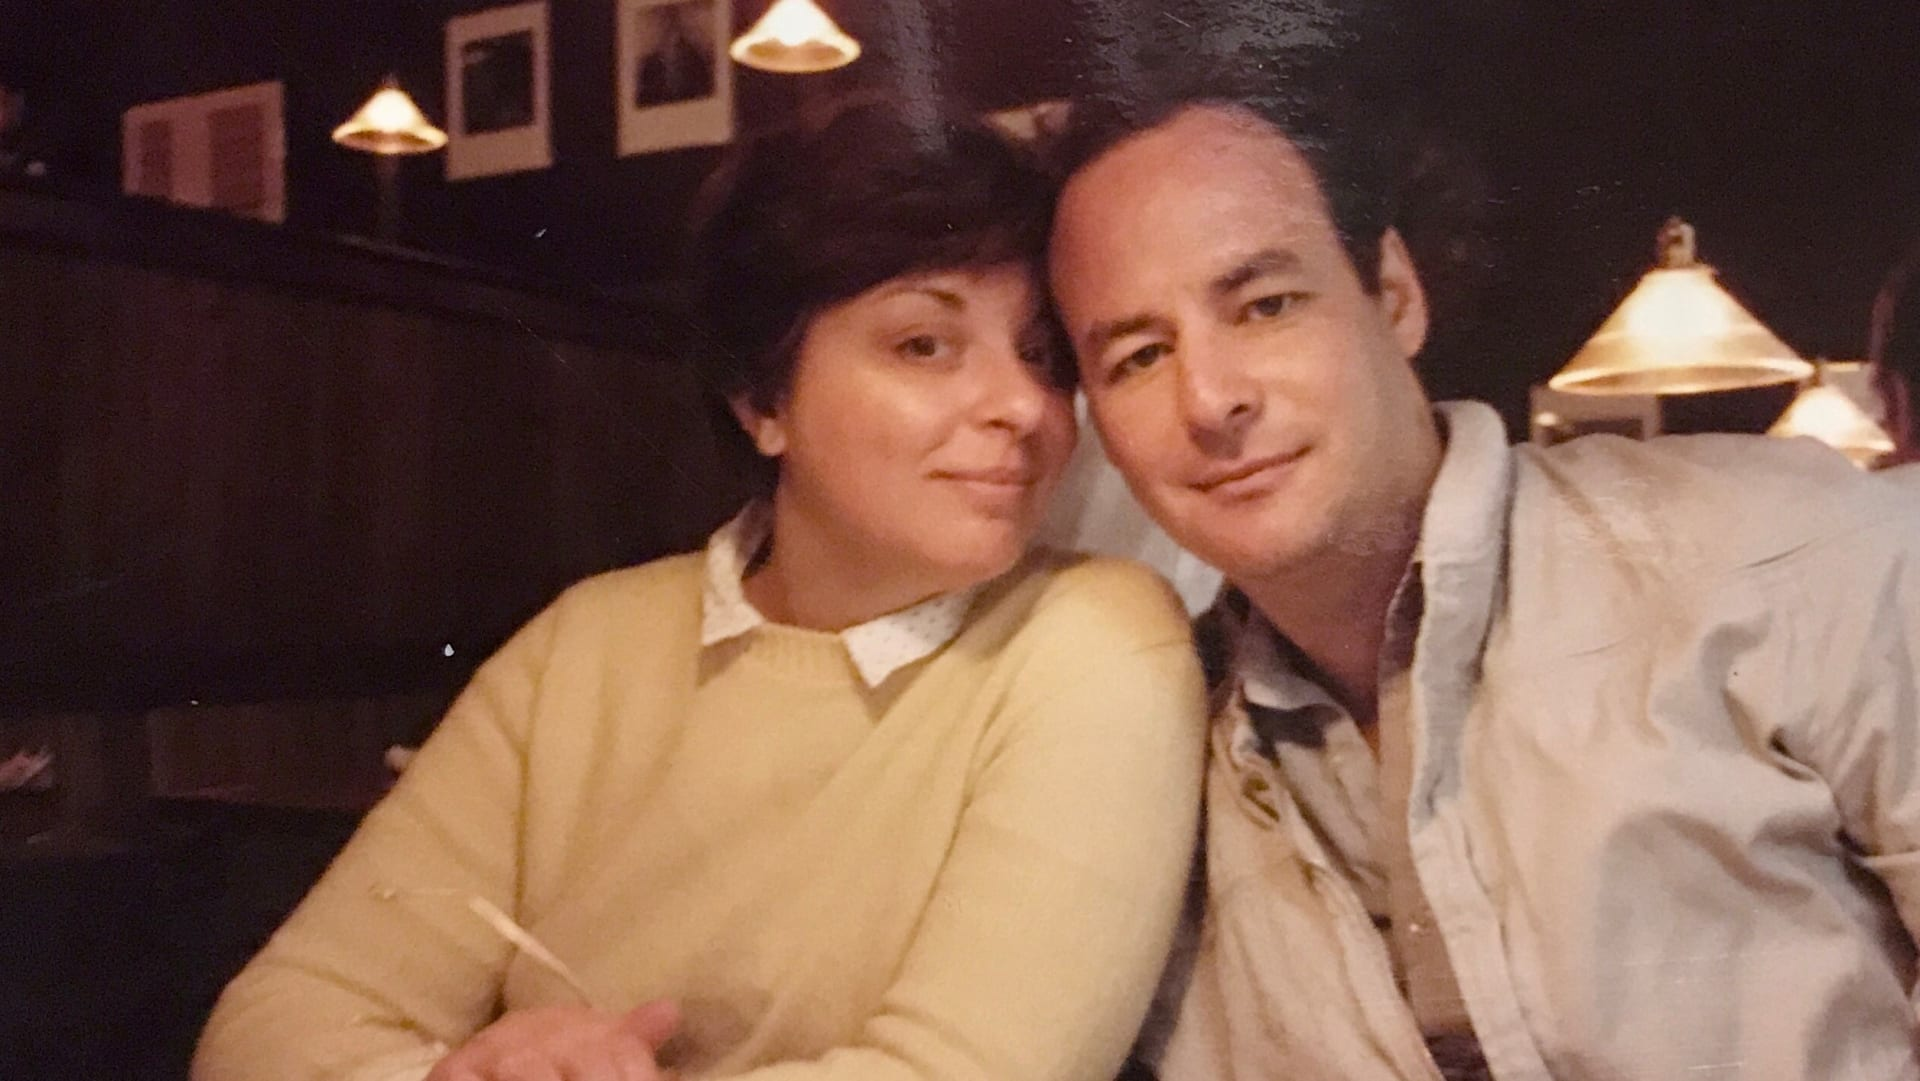 صدفة أدت للأعوام عديدة من السعادة.. ثنائي يقع في الحب من النظرة الأولى على متن رحلة بحرية